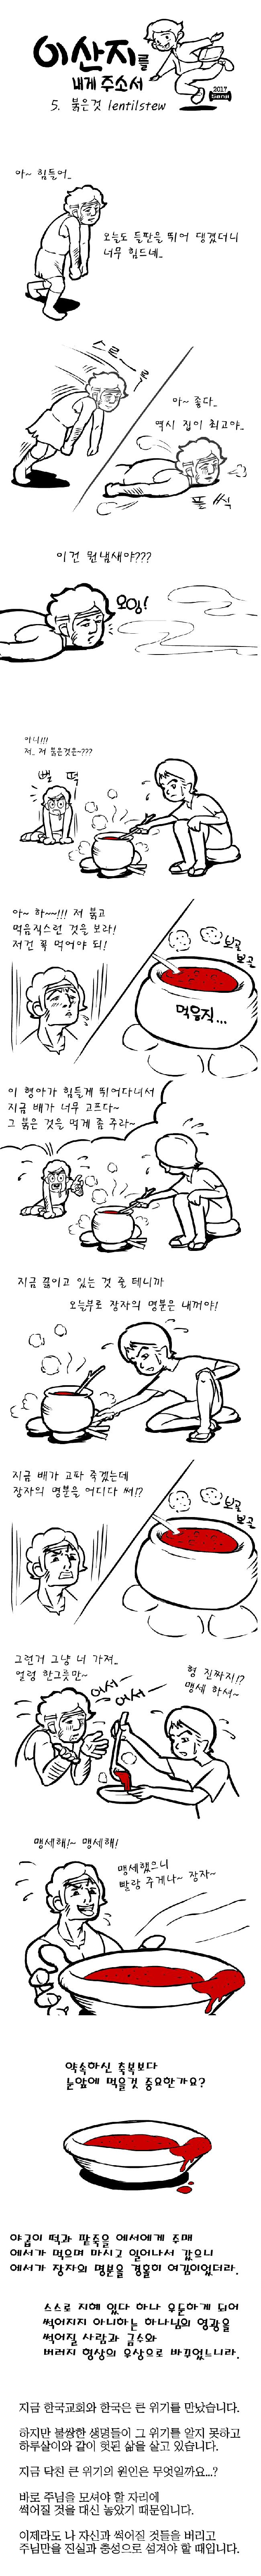 171122-이산지_005_s.png